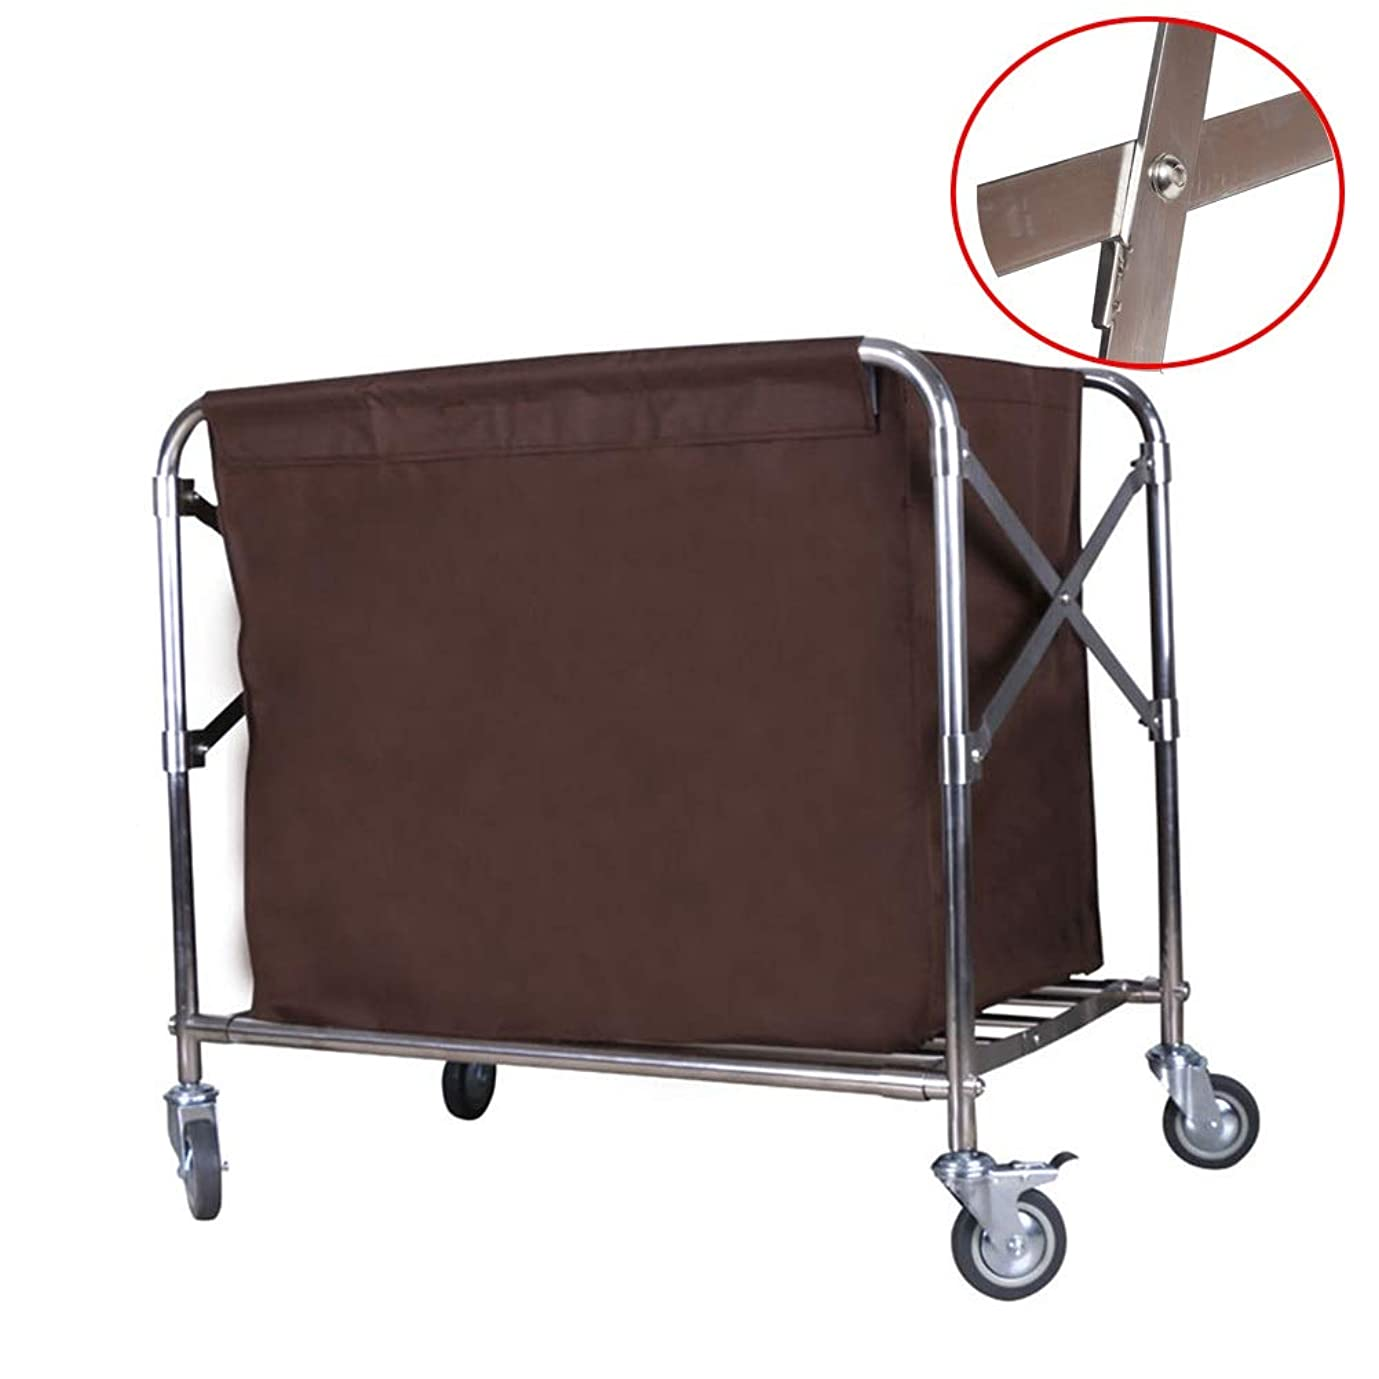 クロール大工変色する普遍的な車輪が付いているXタイプ折る商業洗剤のリネンカート、取り外し可能な灰色袋が付いている家の移動式洗濯物入れ